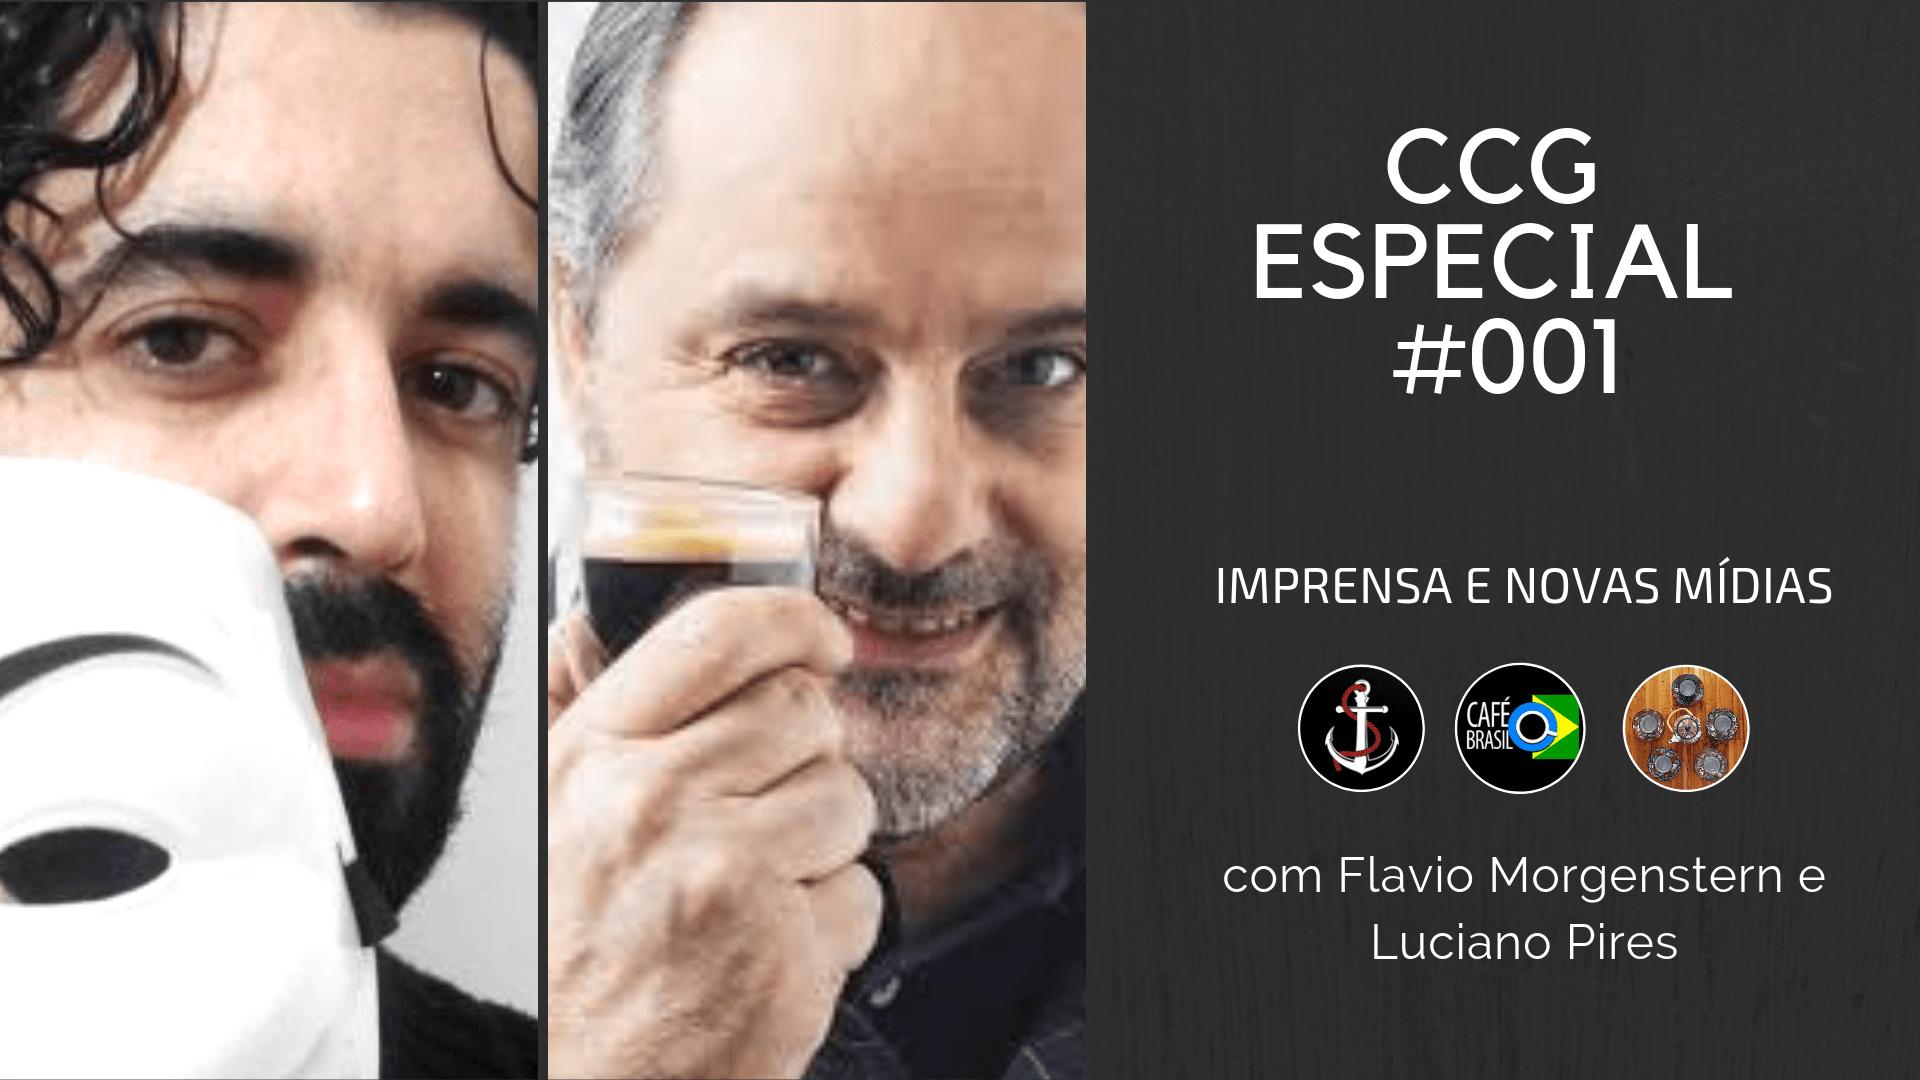 Flavio Morgenstern Luciano Pires Cha com a gente guten morgen Café Brasil podcast